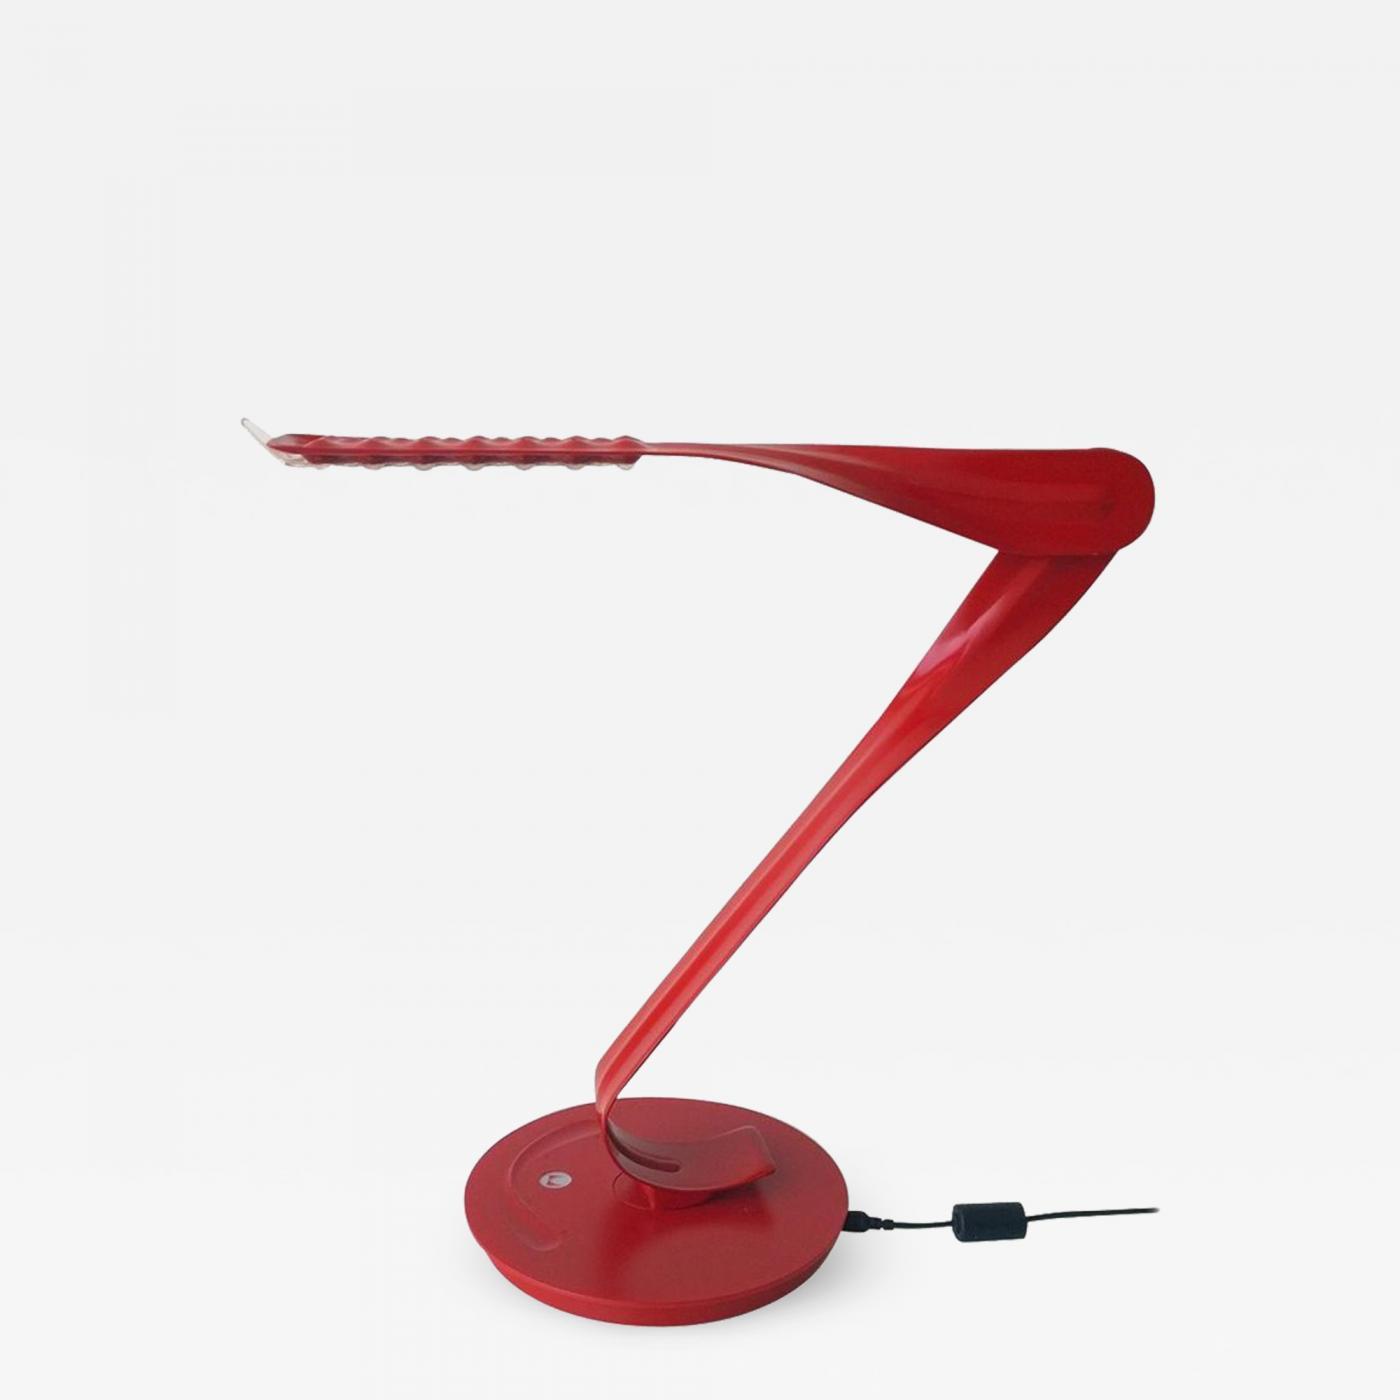 20th 21st Century Modern Red Enameled Signed Leaf Led Desk Lamp By Yves  Behar